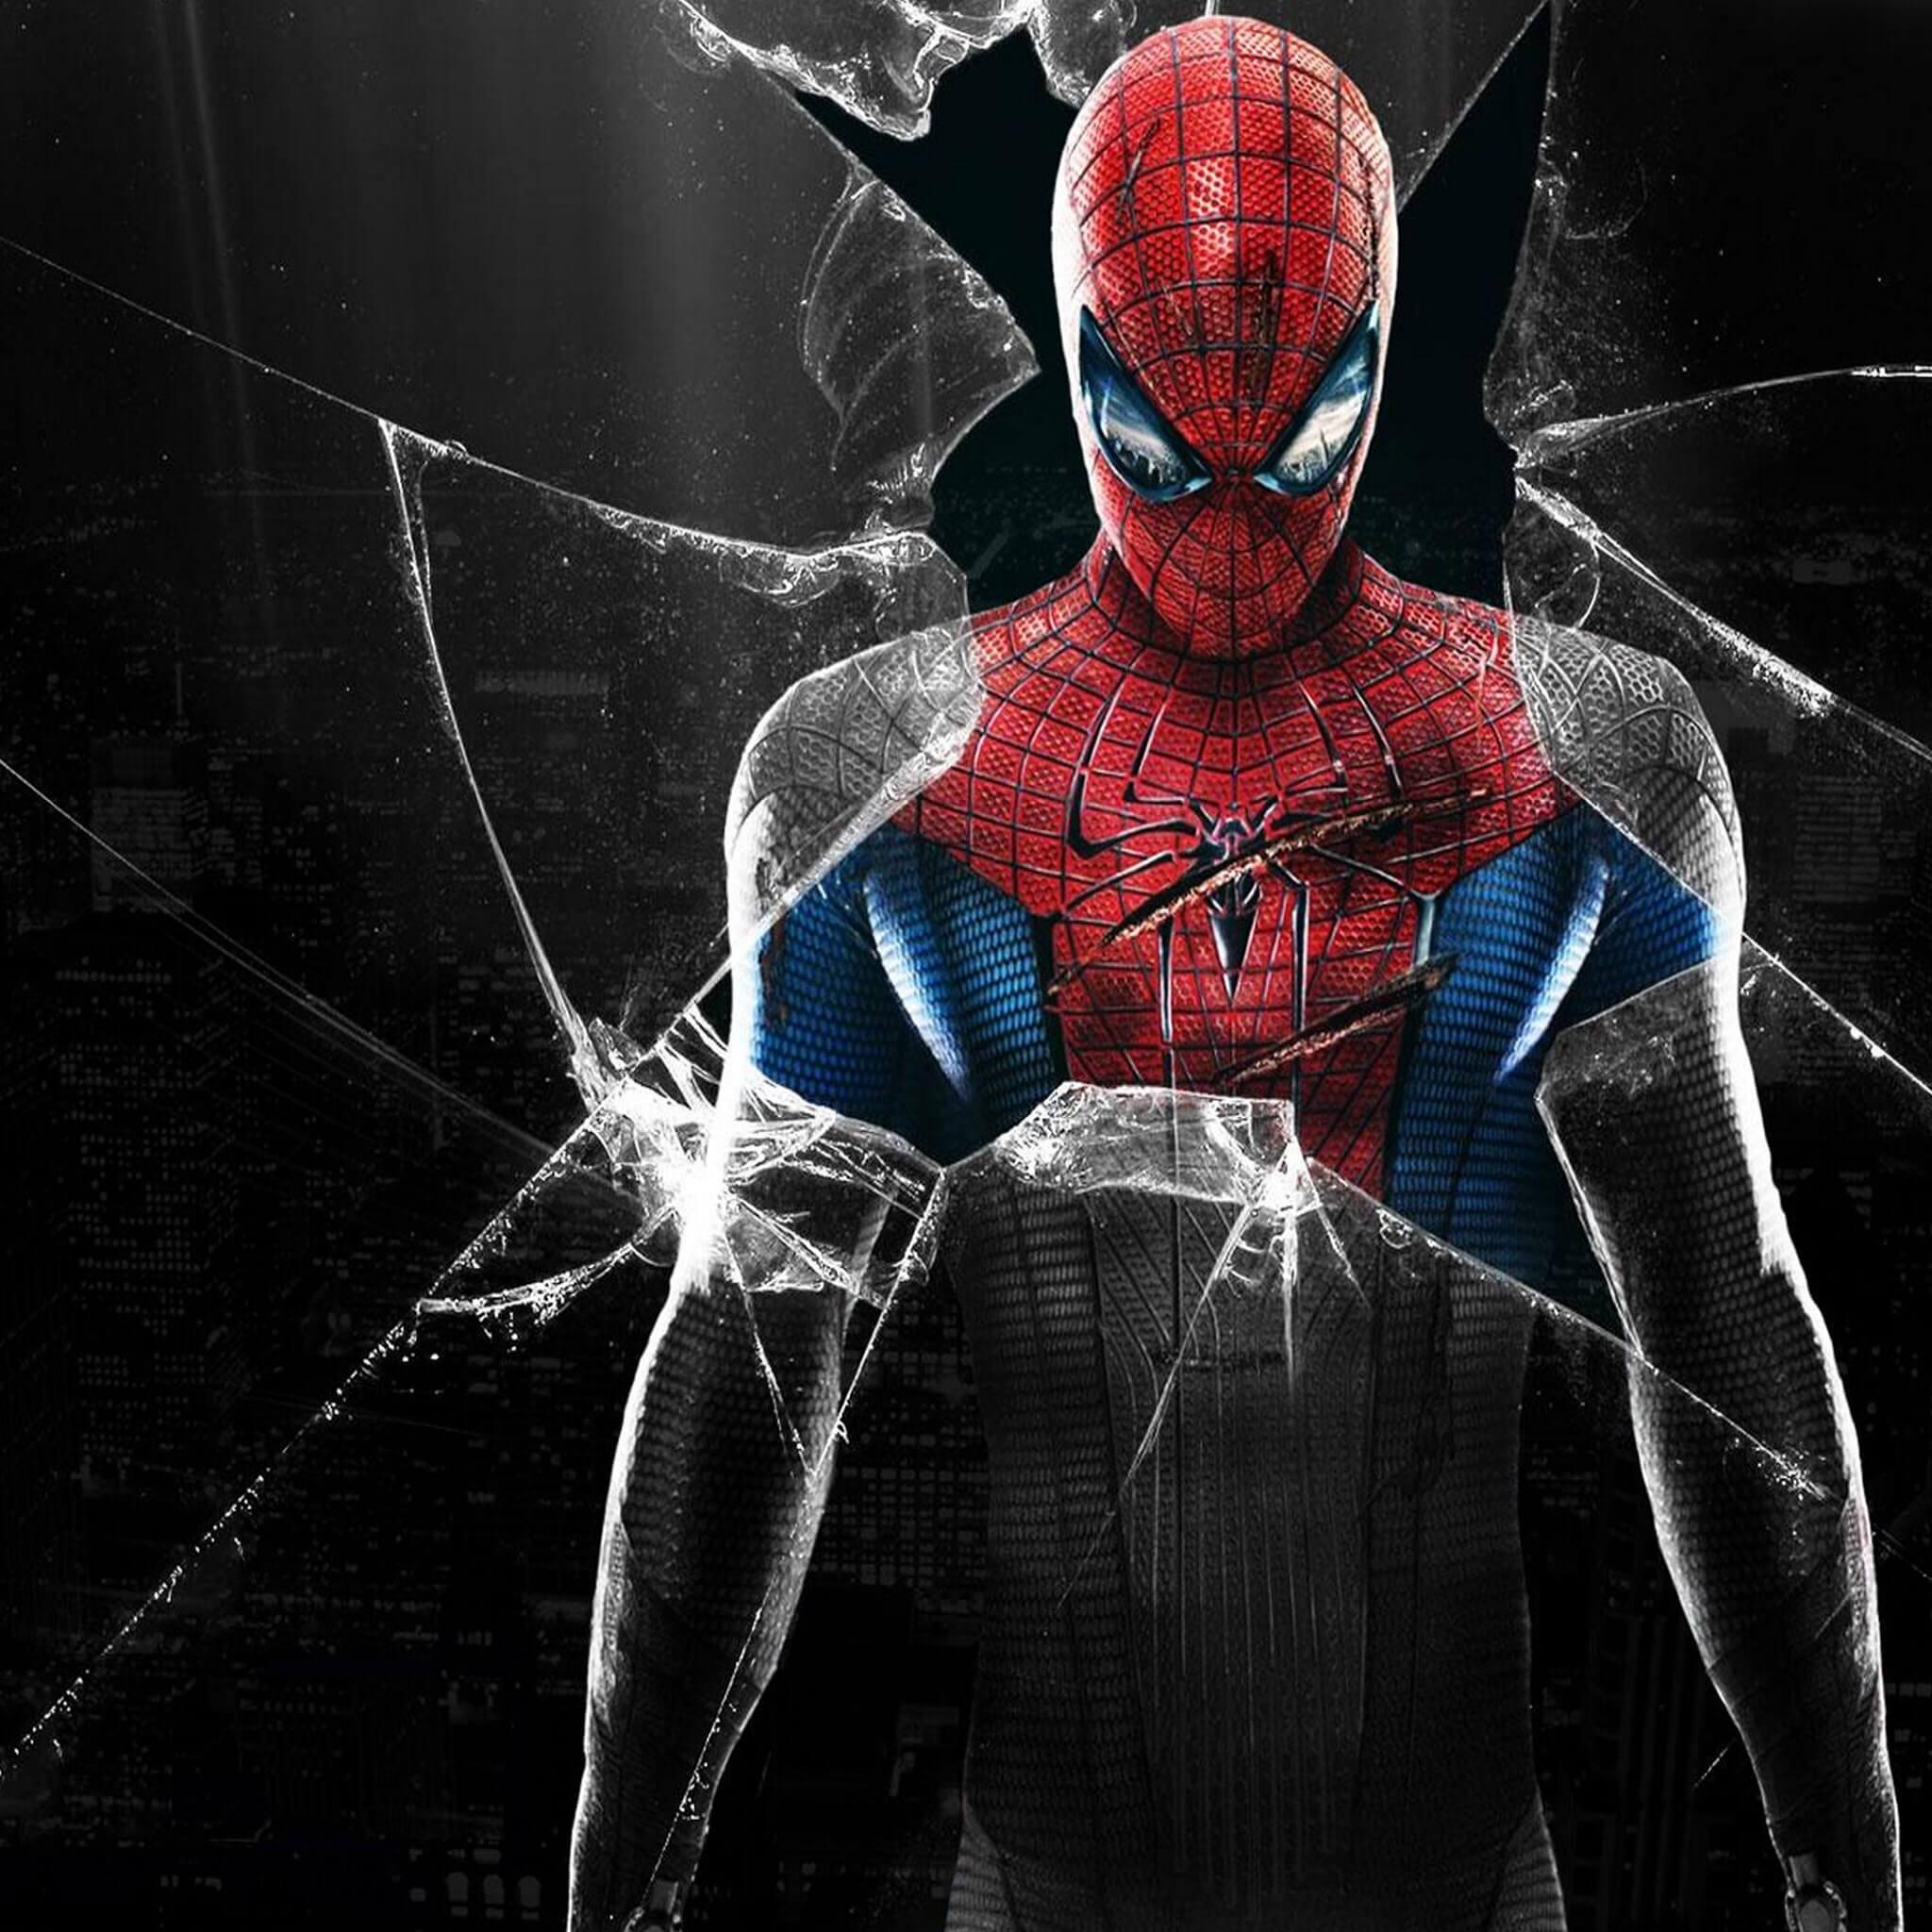 Hd Ipad Retina Wallpapers 10 Fonds D 233 Cran Spiderman Pour Iphone Et Ipad